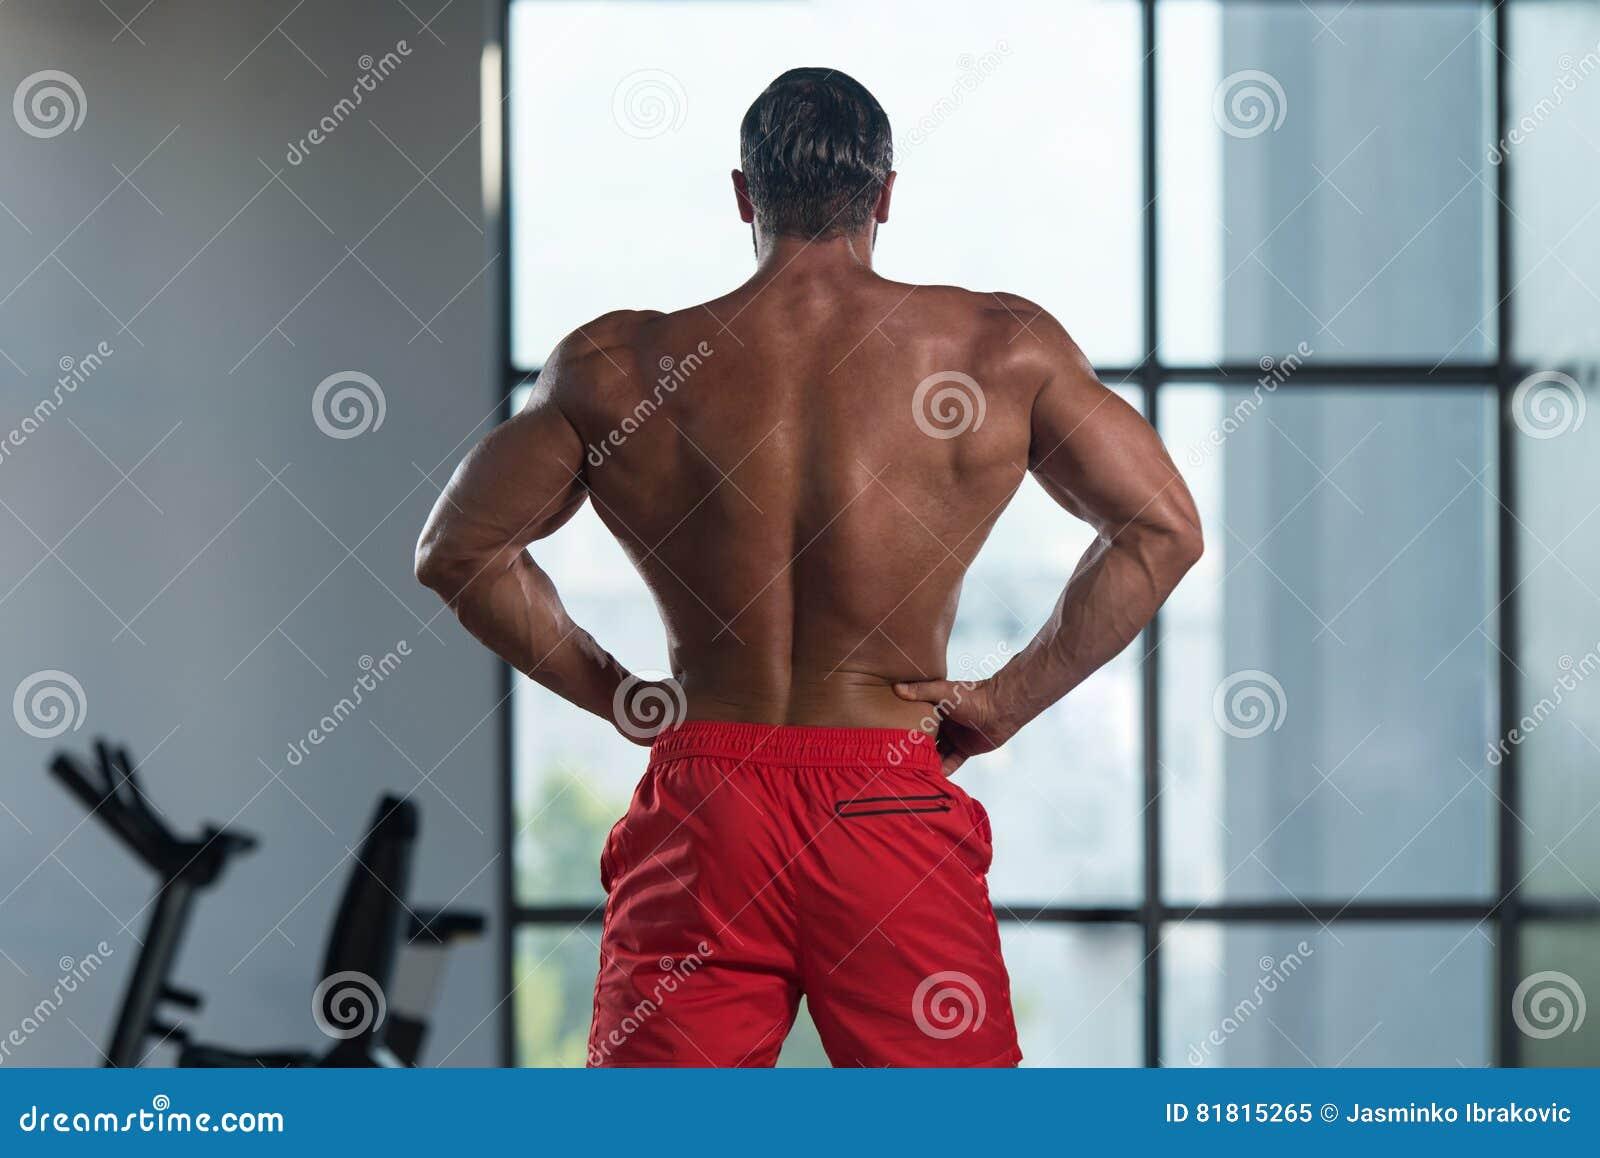 Представление задних мышц мышечного человека изгибая